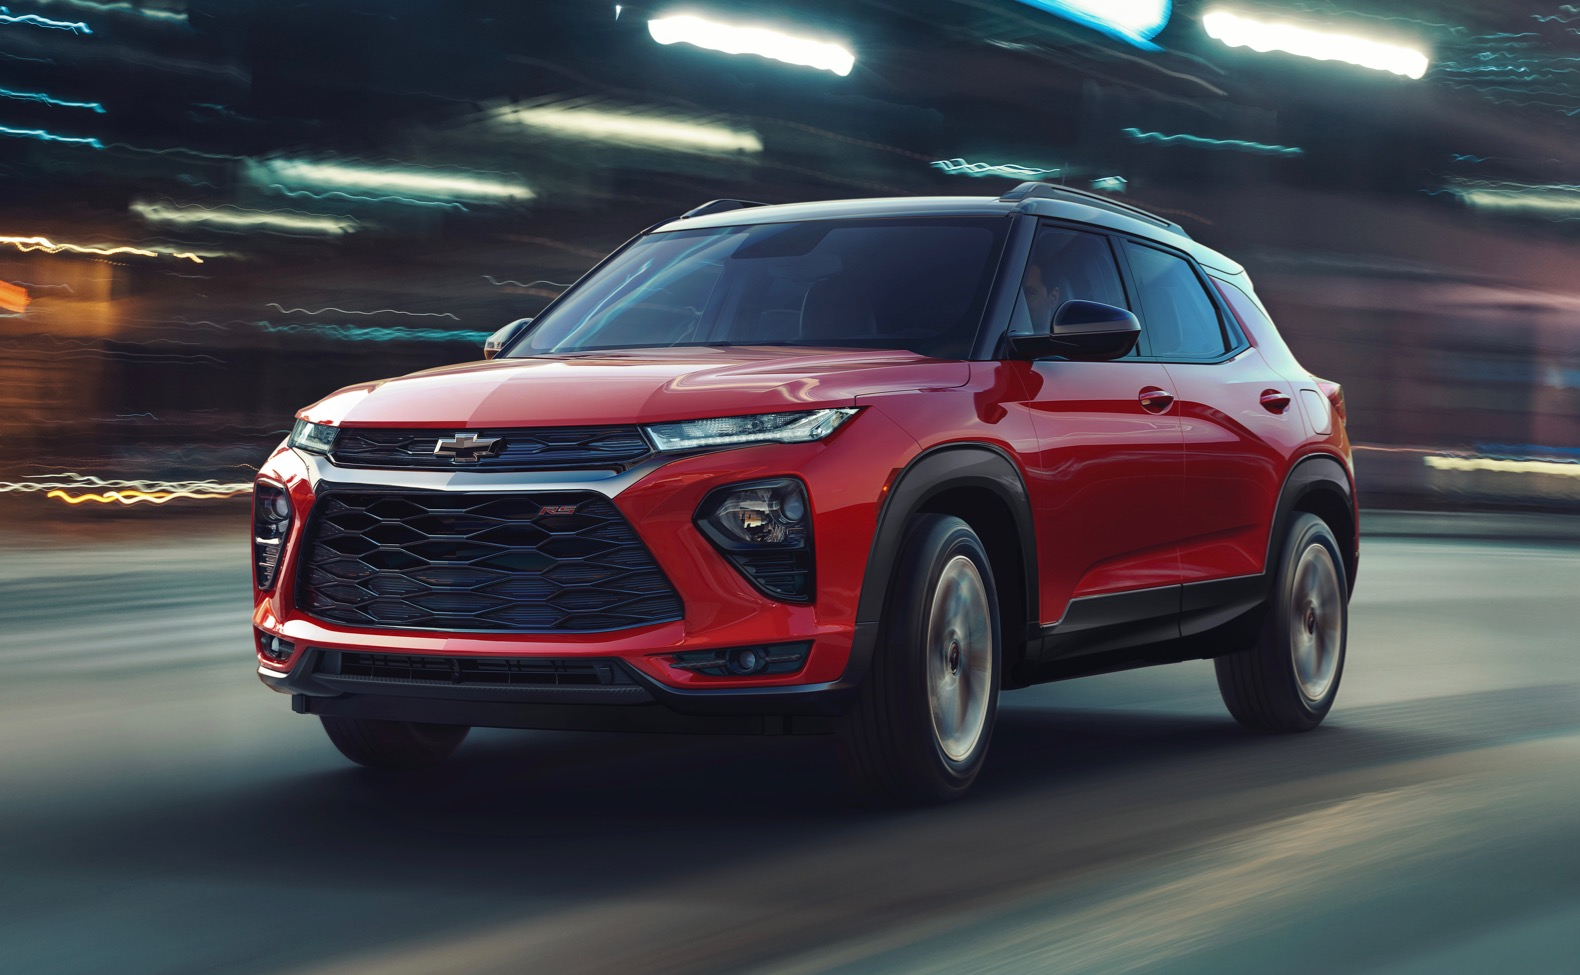 2021 Chevy Trailblazer starts under $20k | The Torque Report